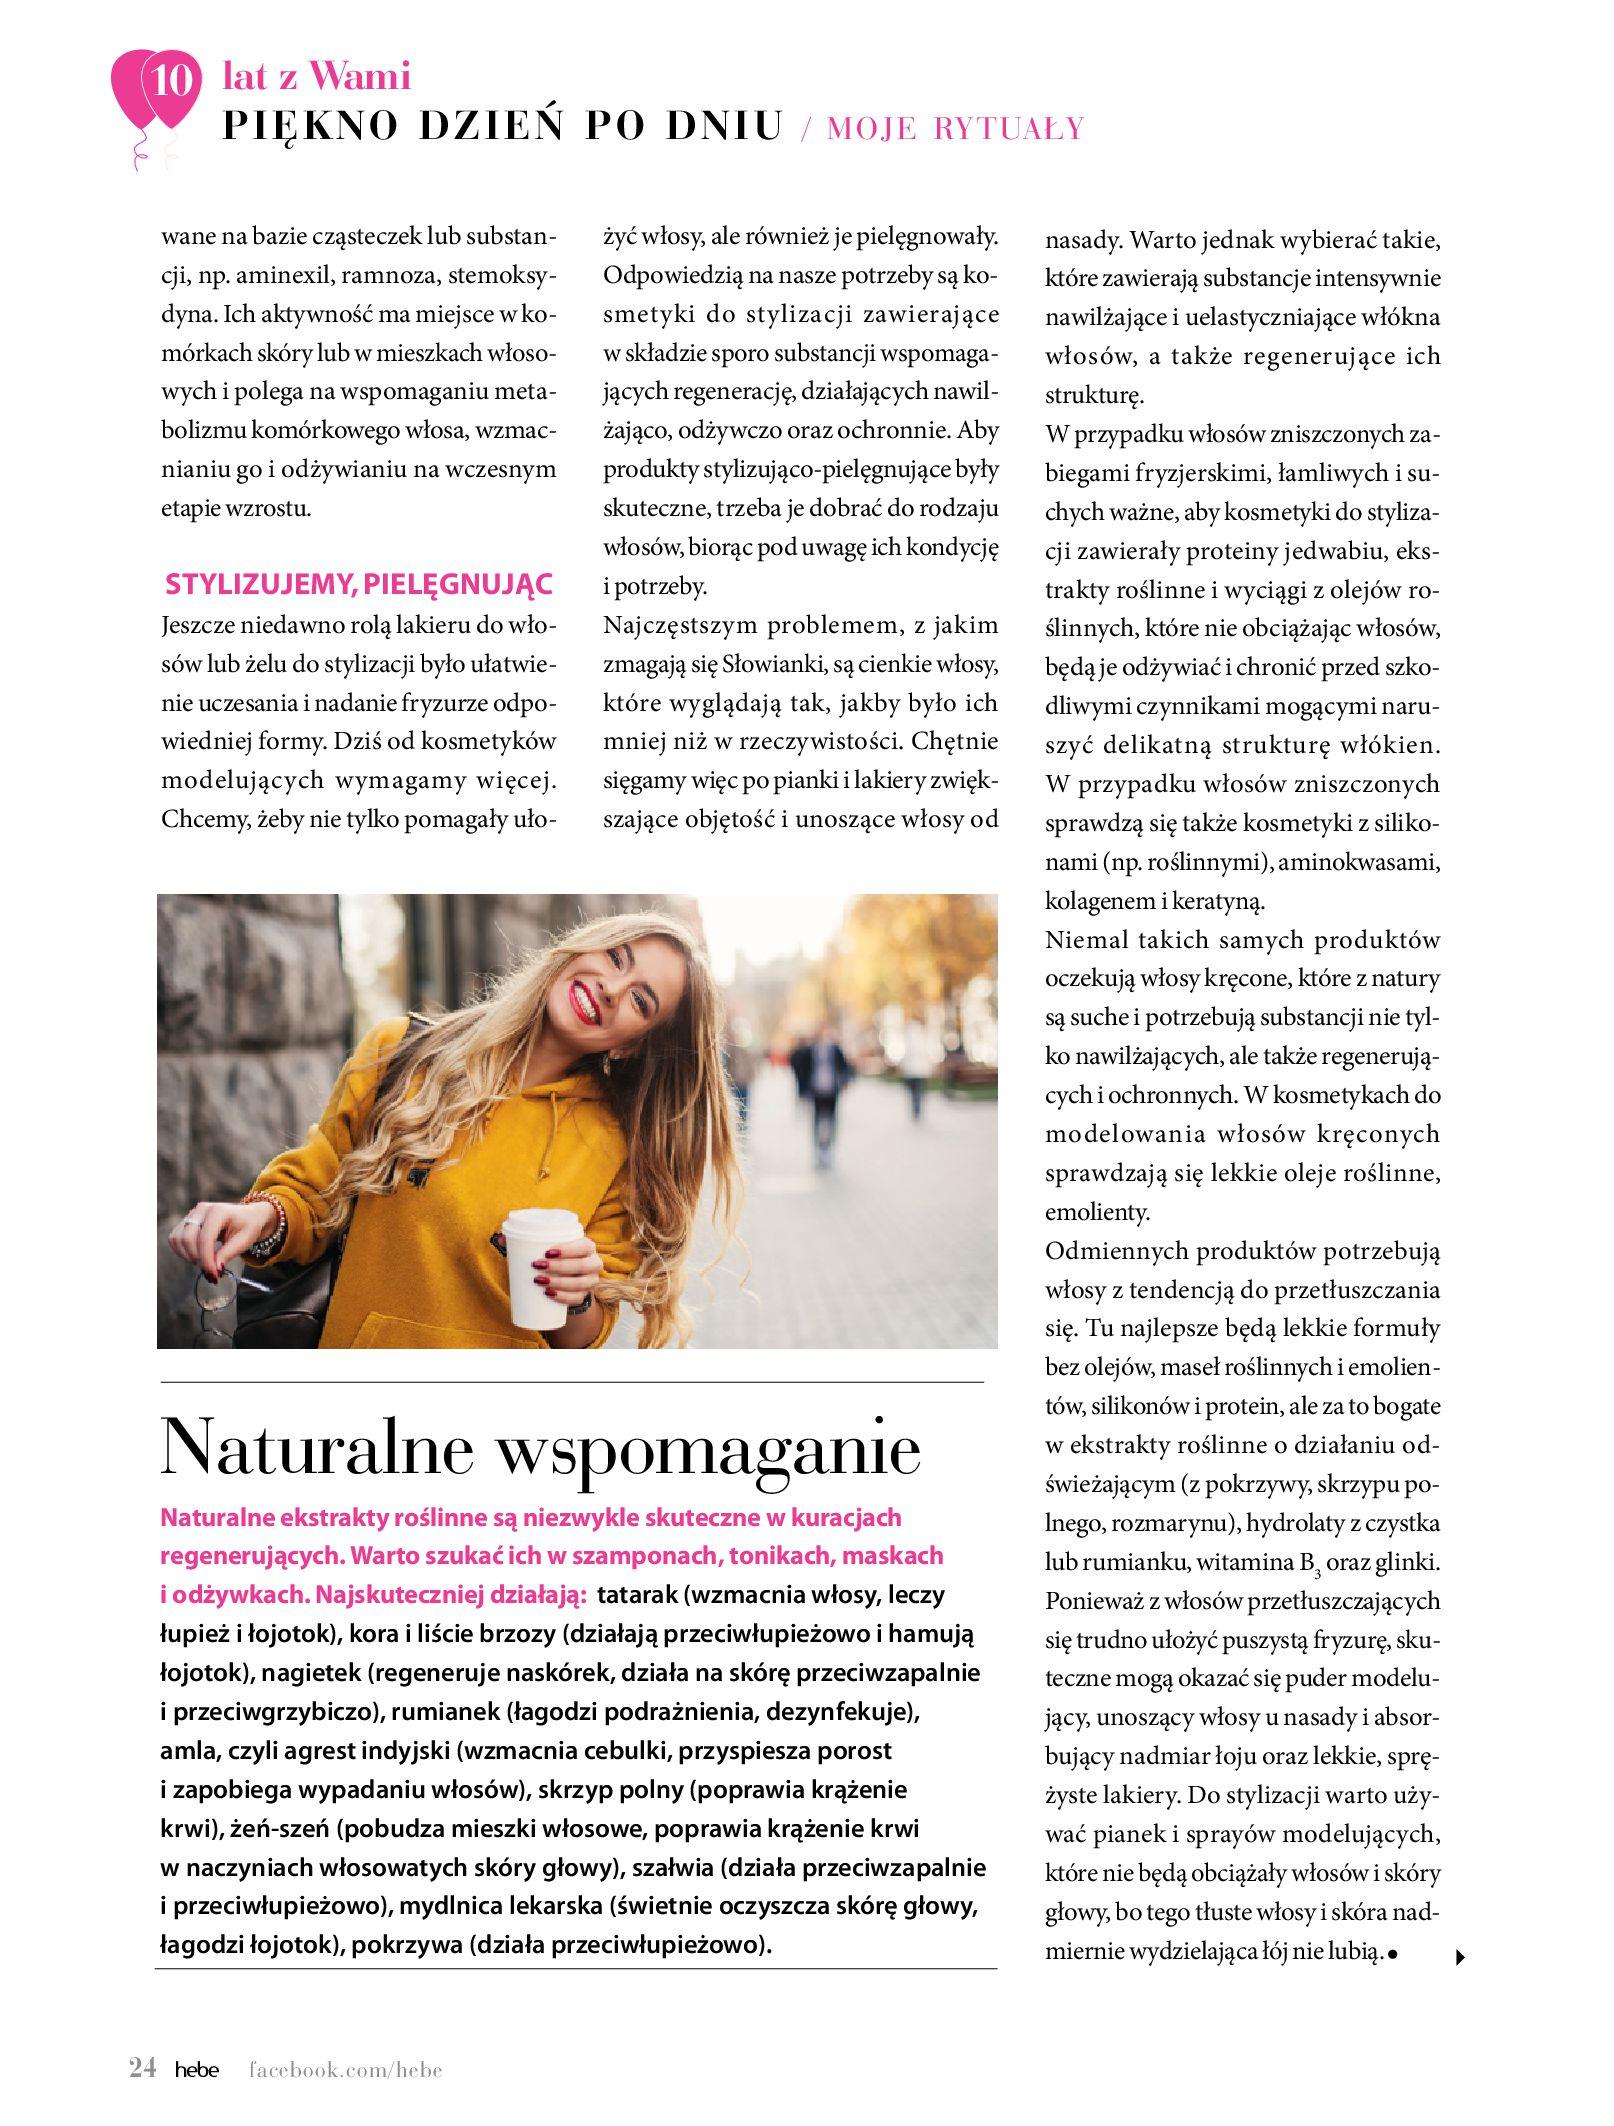 Gazetka hebe: Gazetka Hebe - Magazyn  2021-05-01 page-24